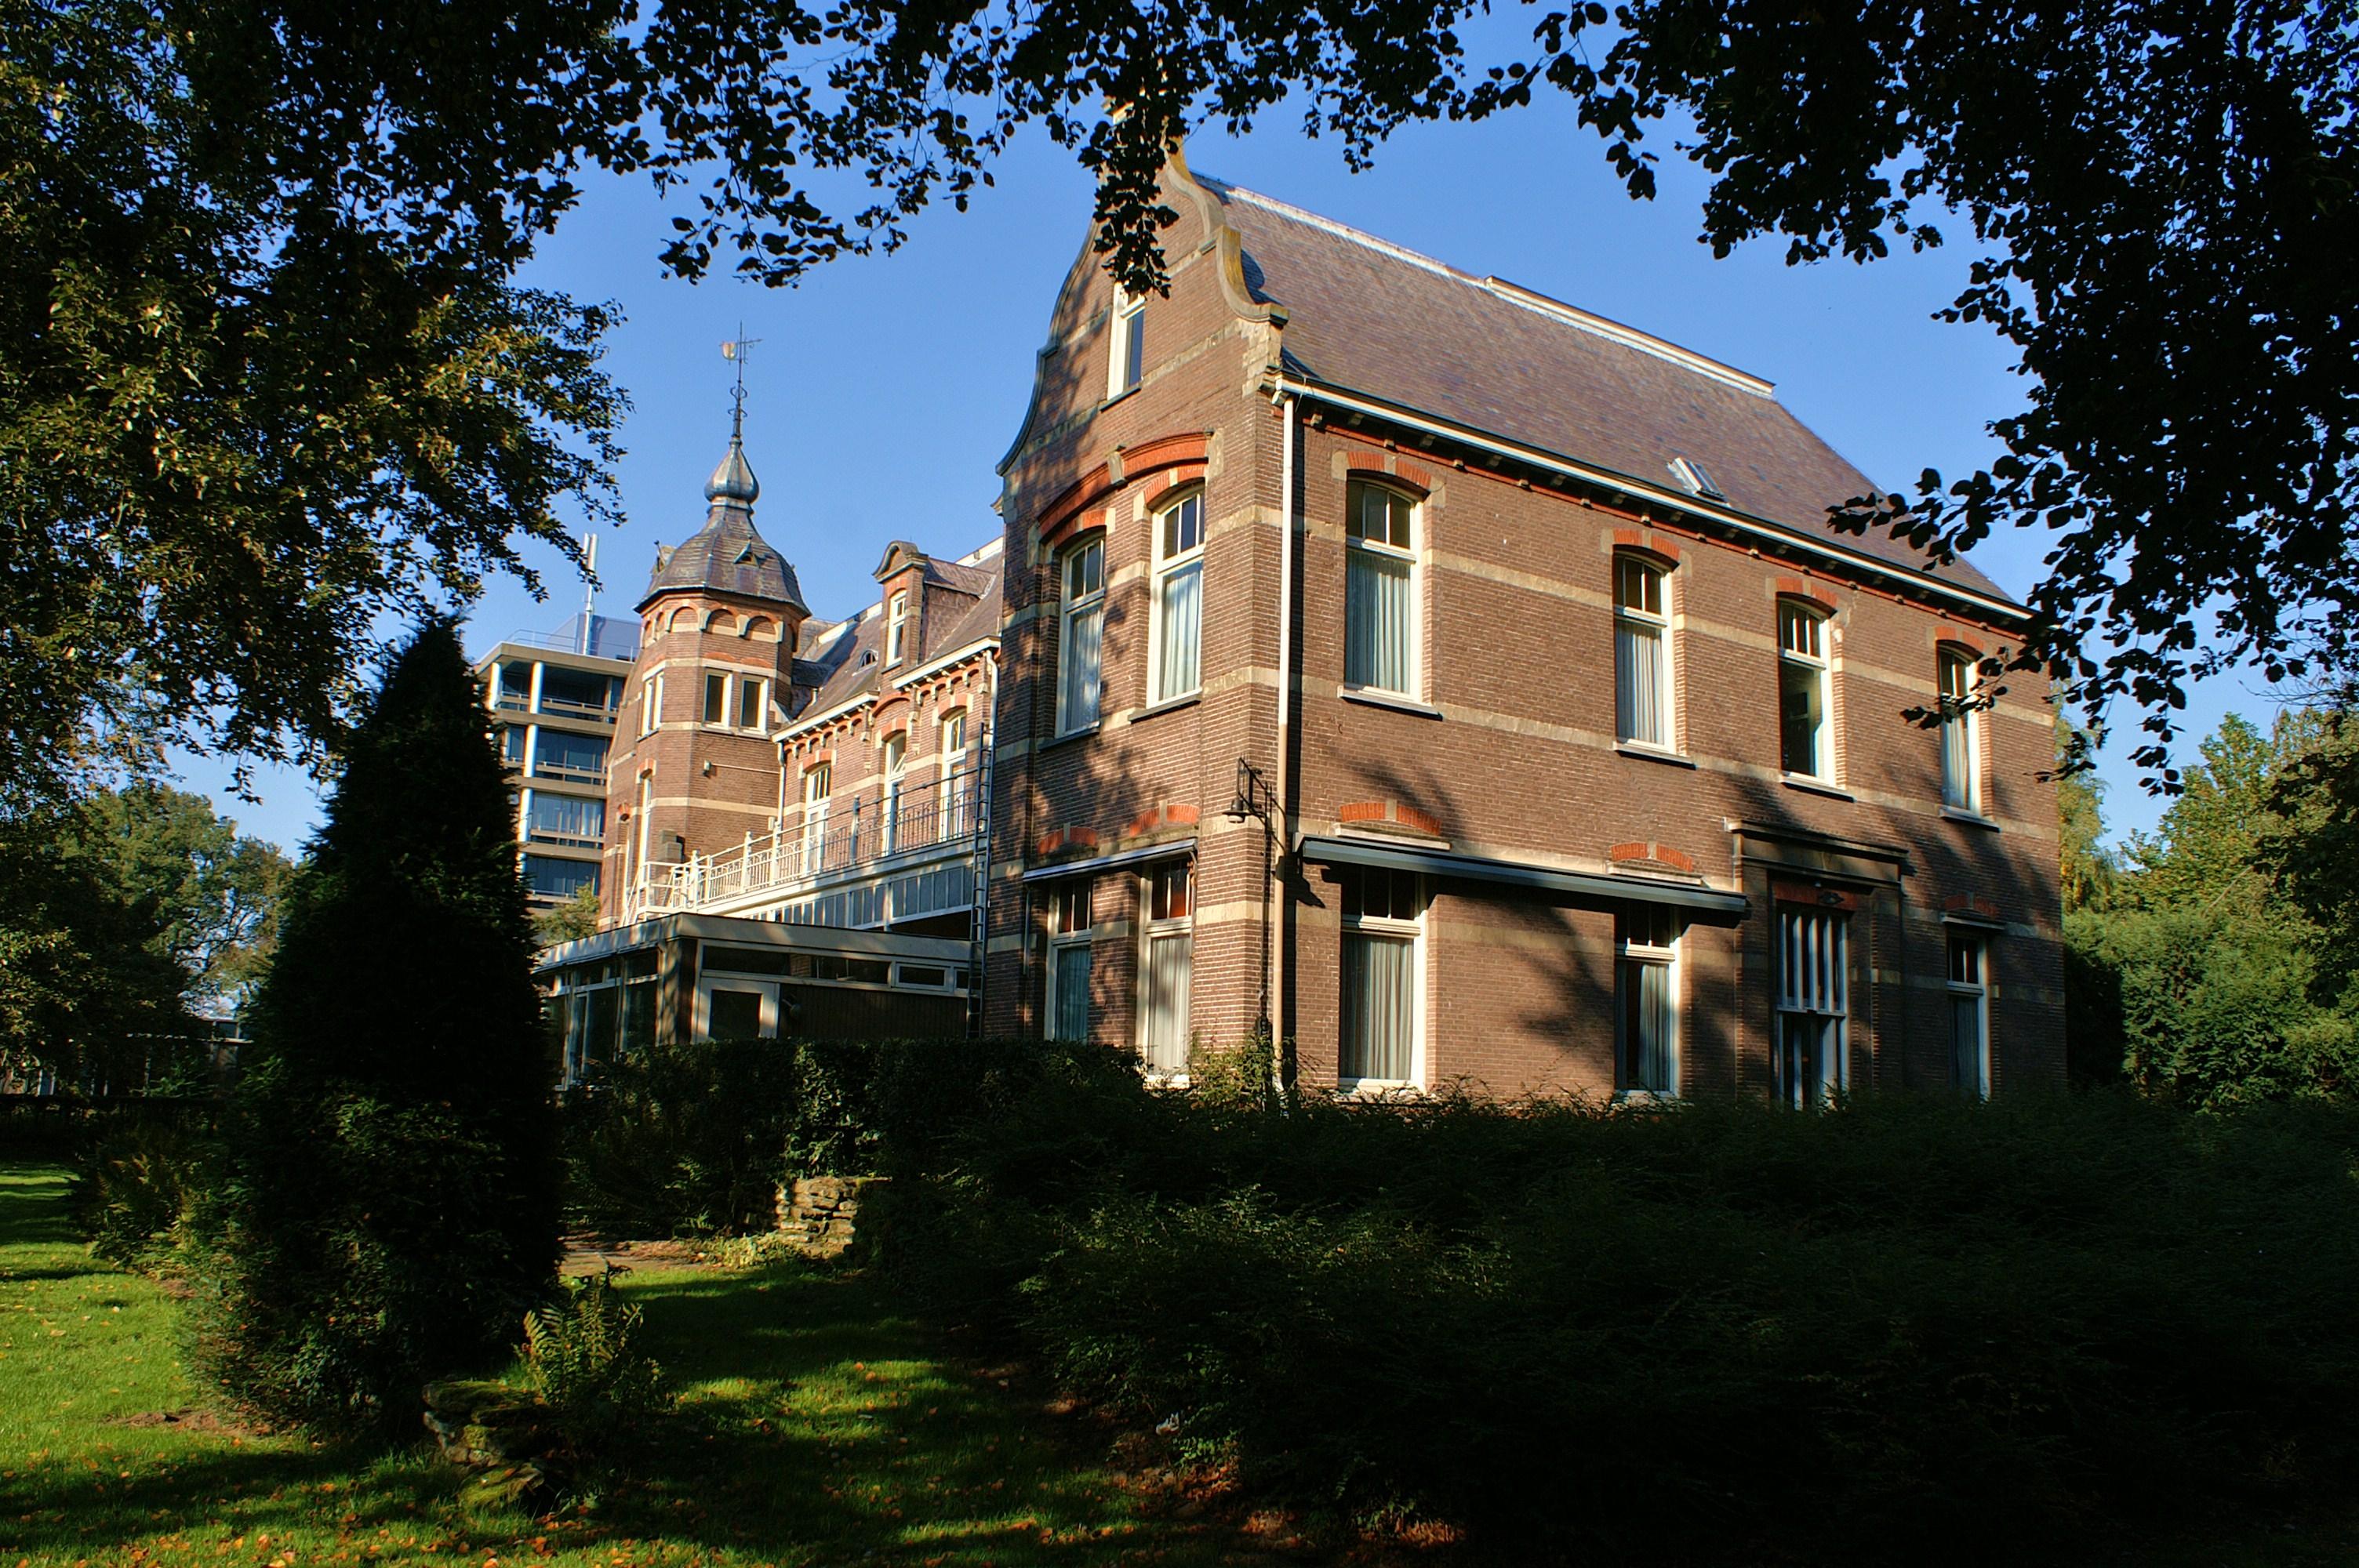 Coudewater Villa Later Genoemd Paviljoen Milla De